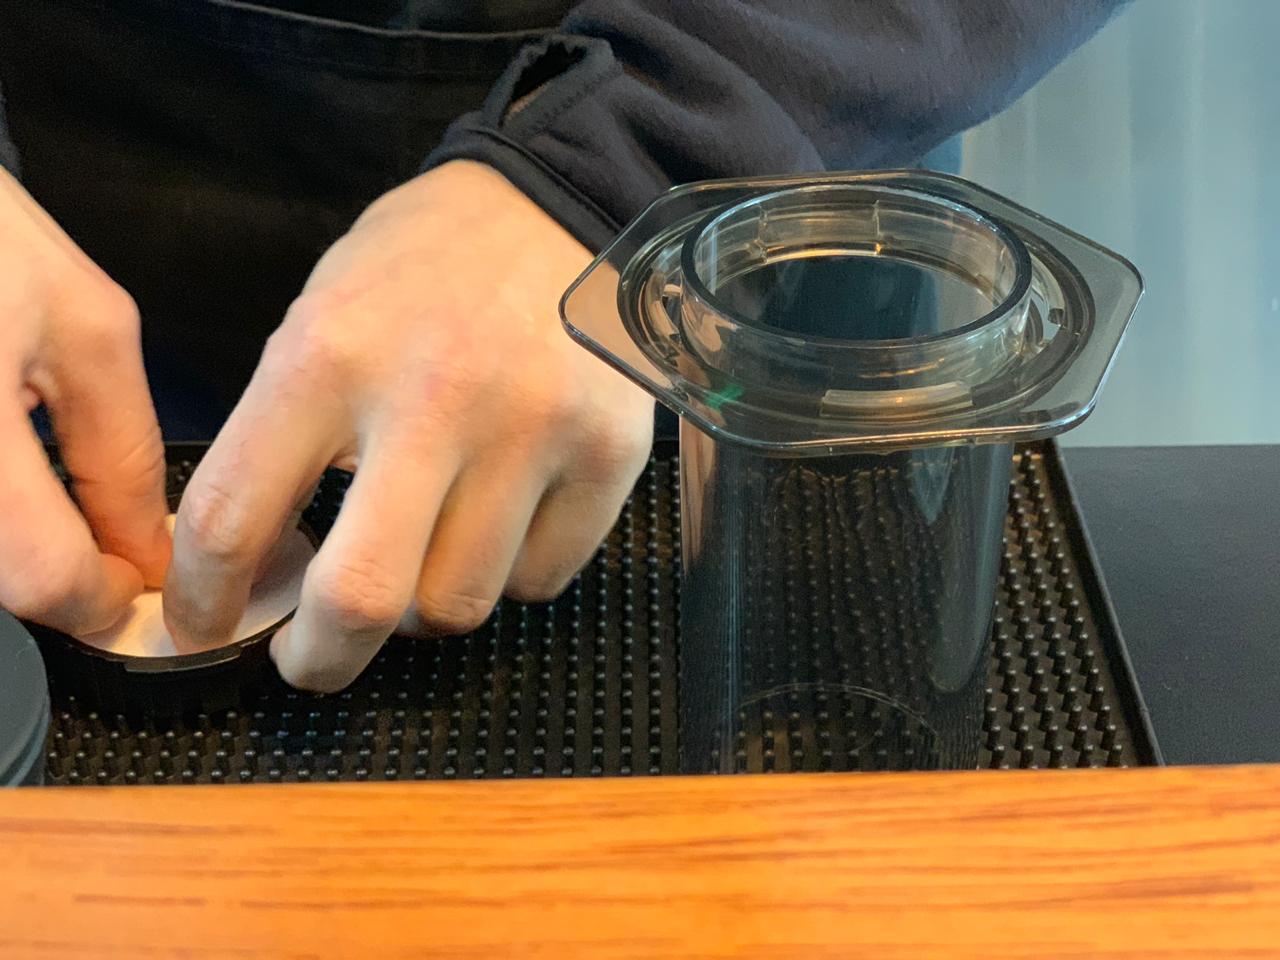 Oscar Pulido prepara café de Chanchamayo en Aeropress, un método muy práctico.